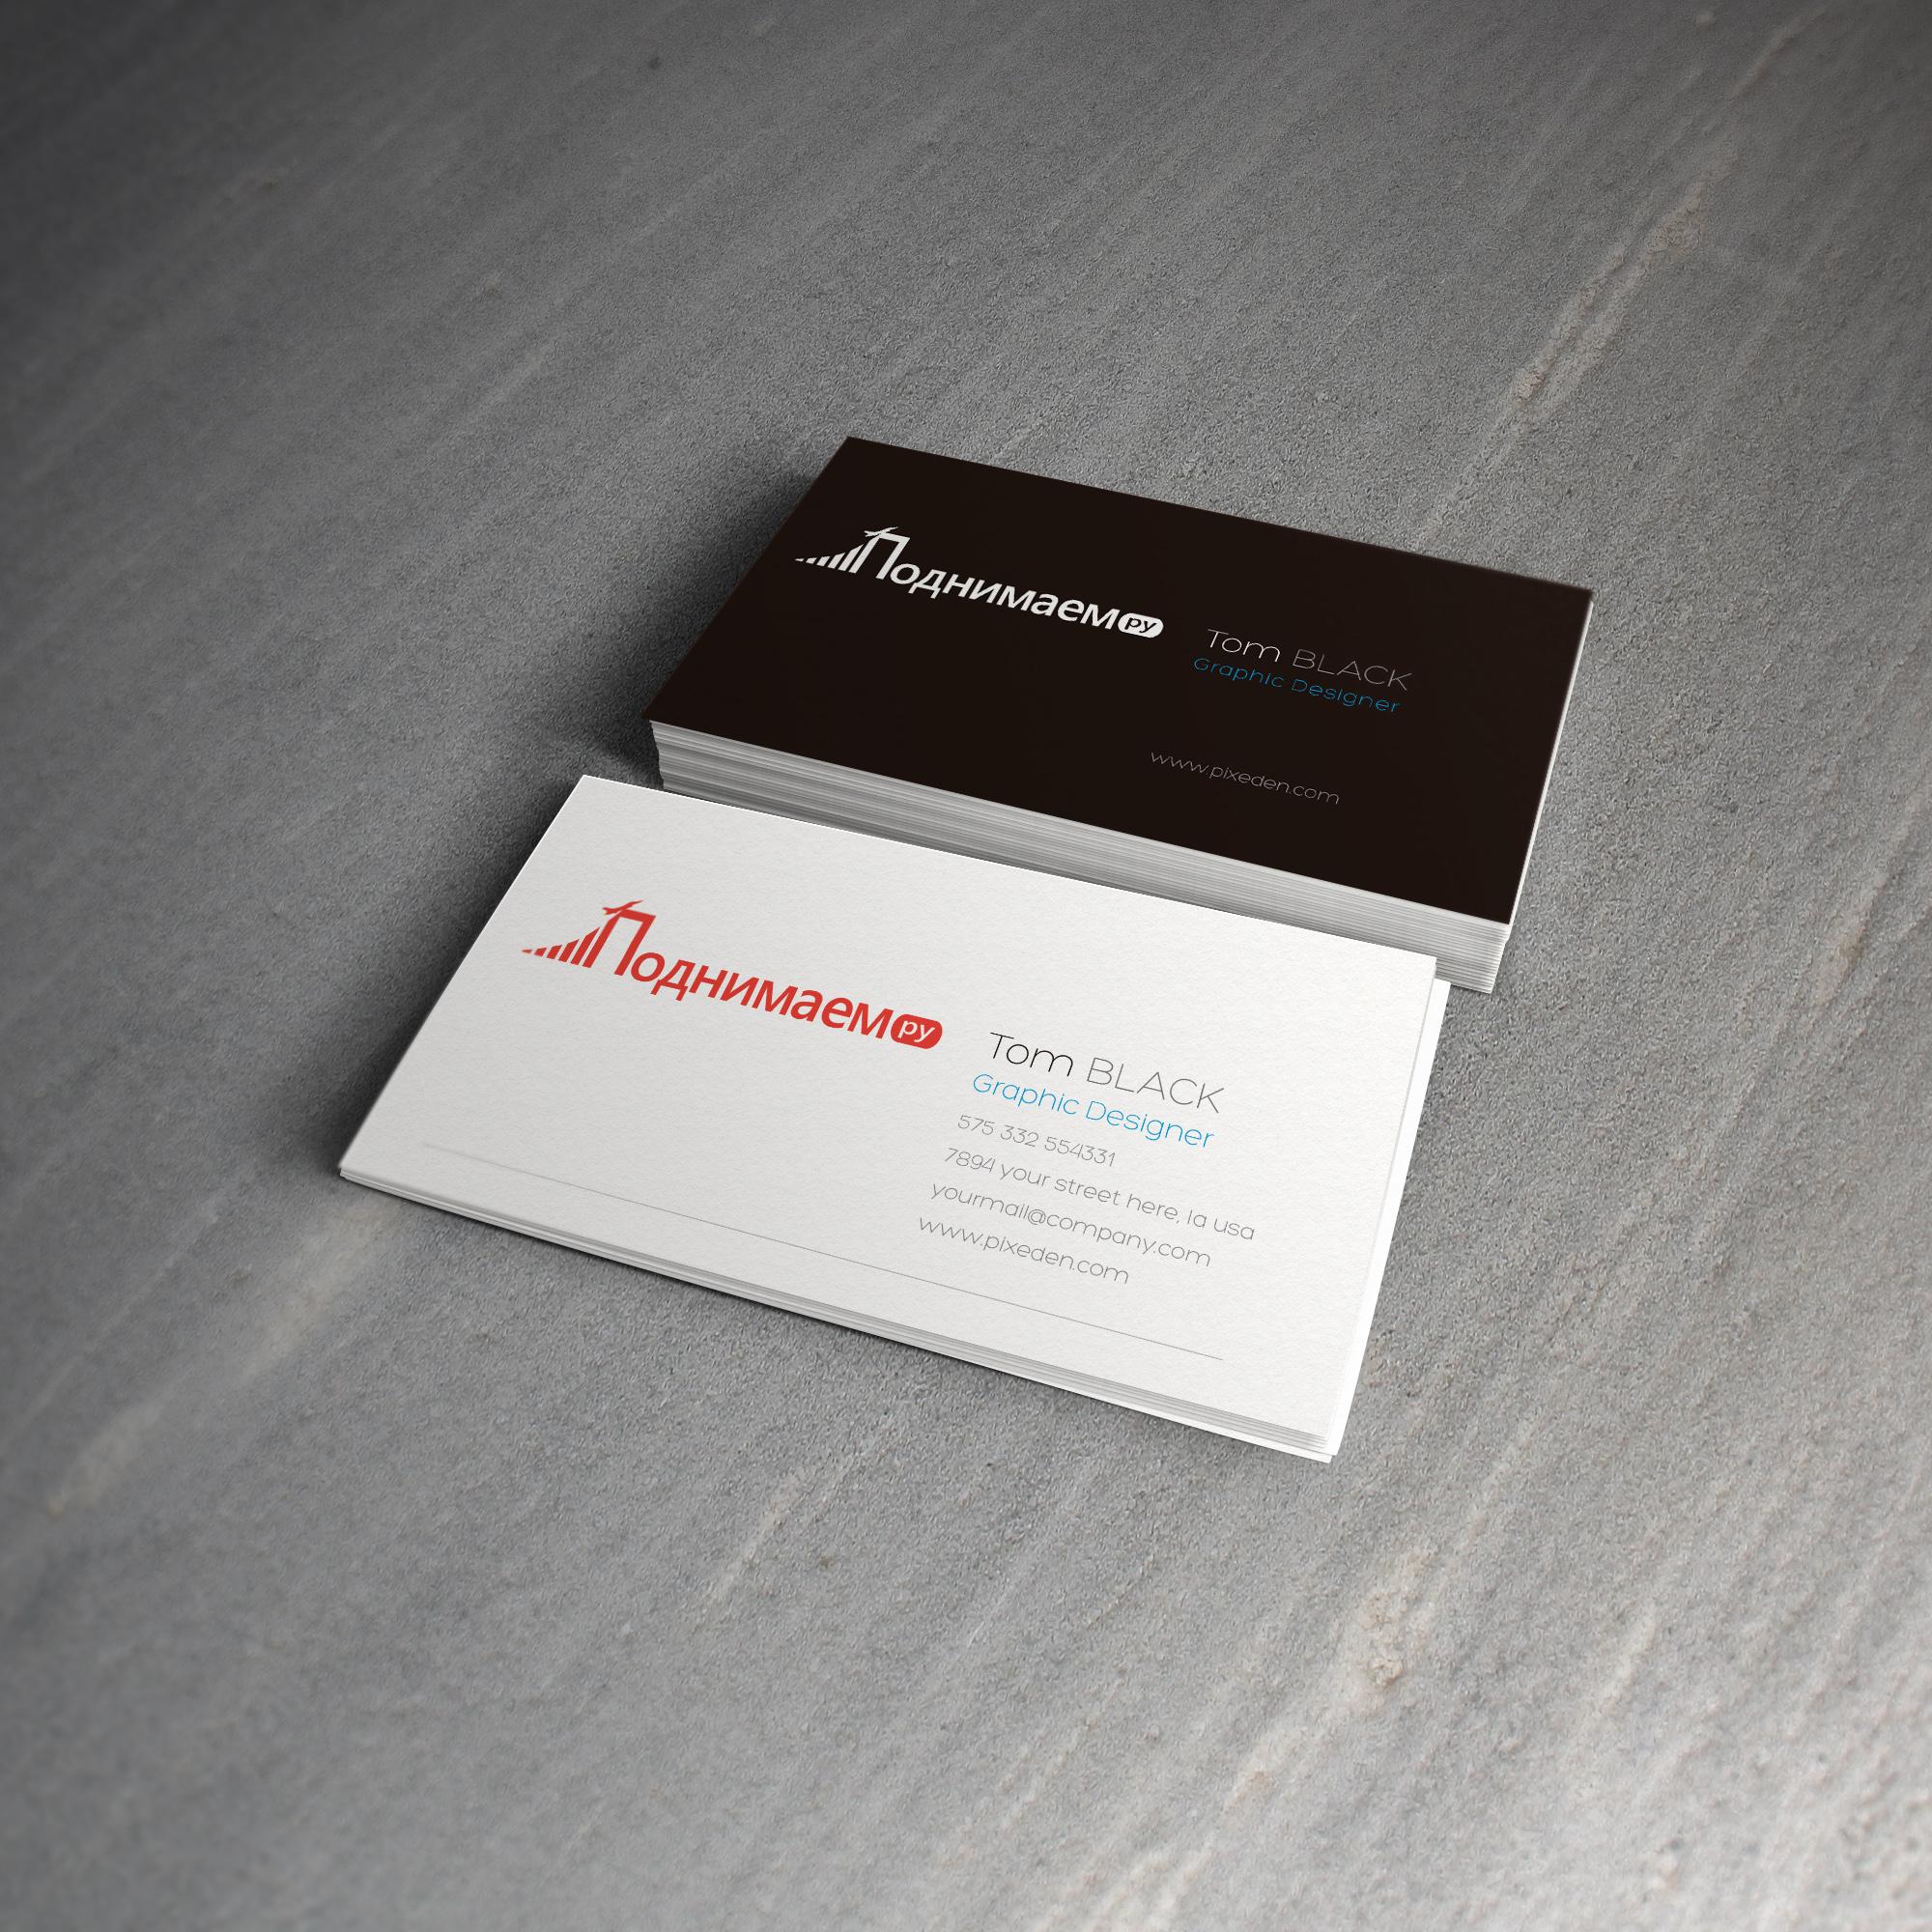 Разработать логотип + визитку + логотип для печати ООО +++ фото f_5655548947fe7652.jpg